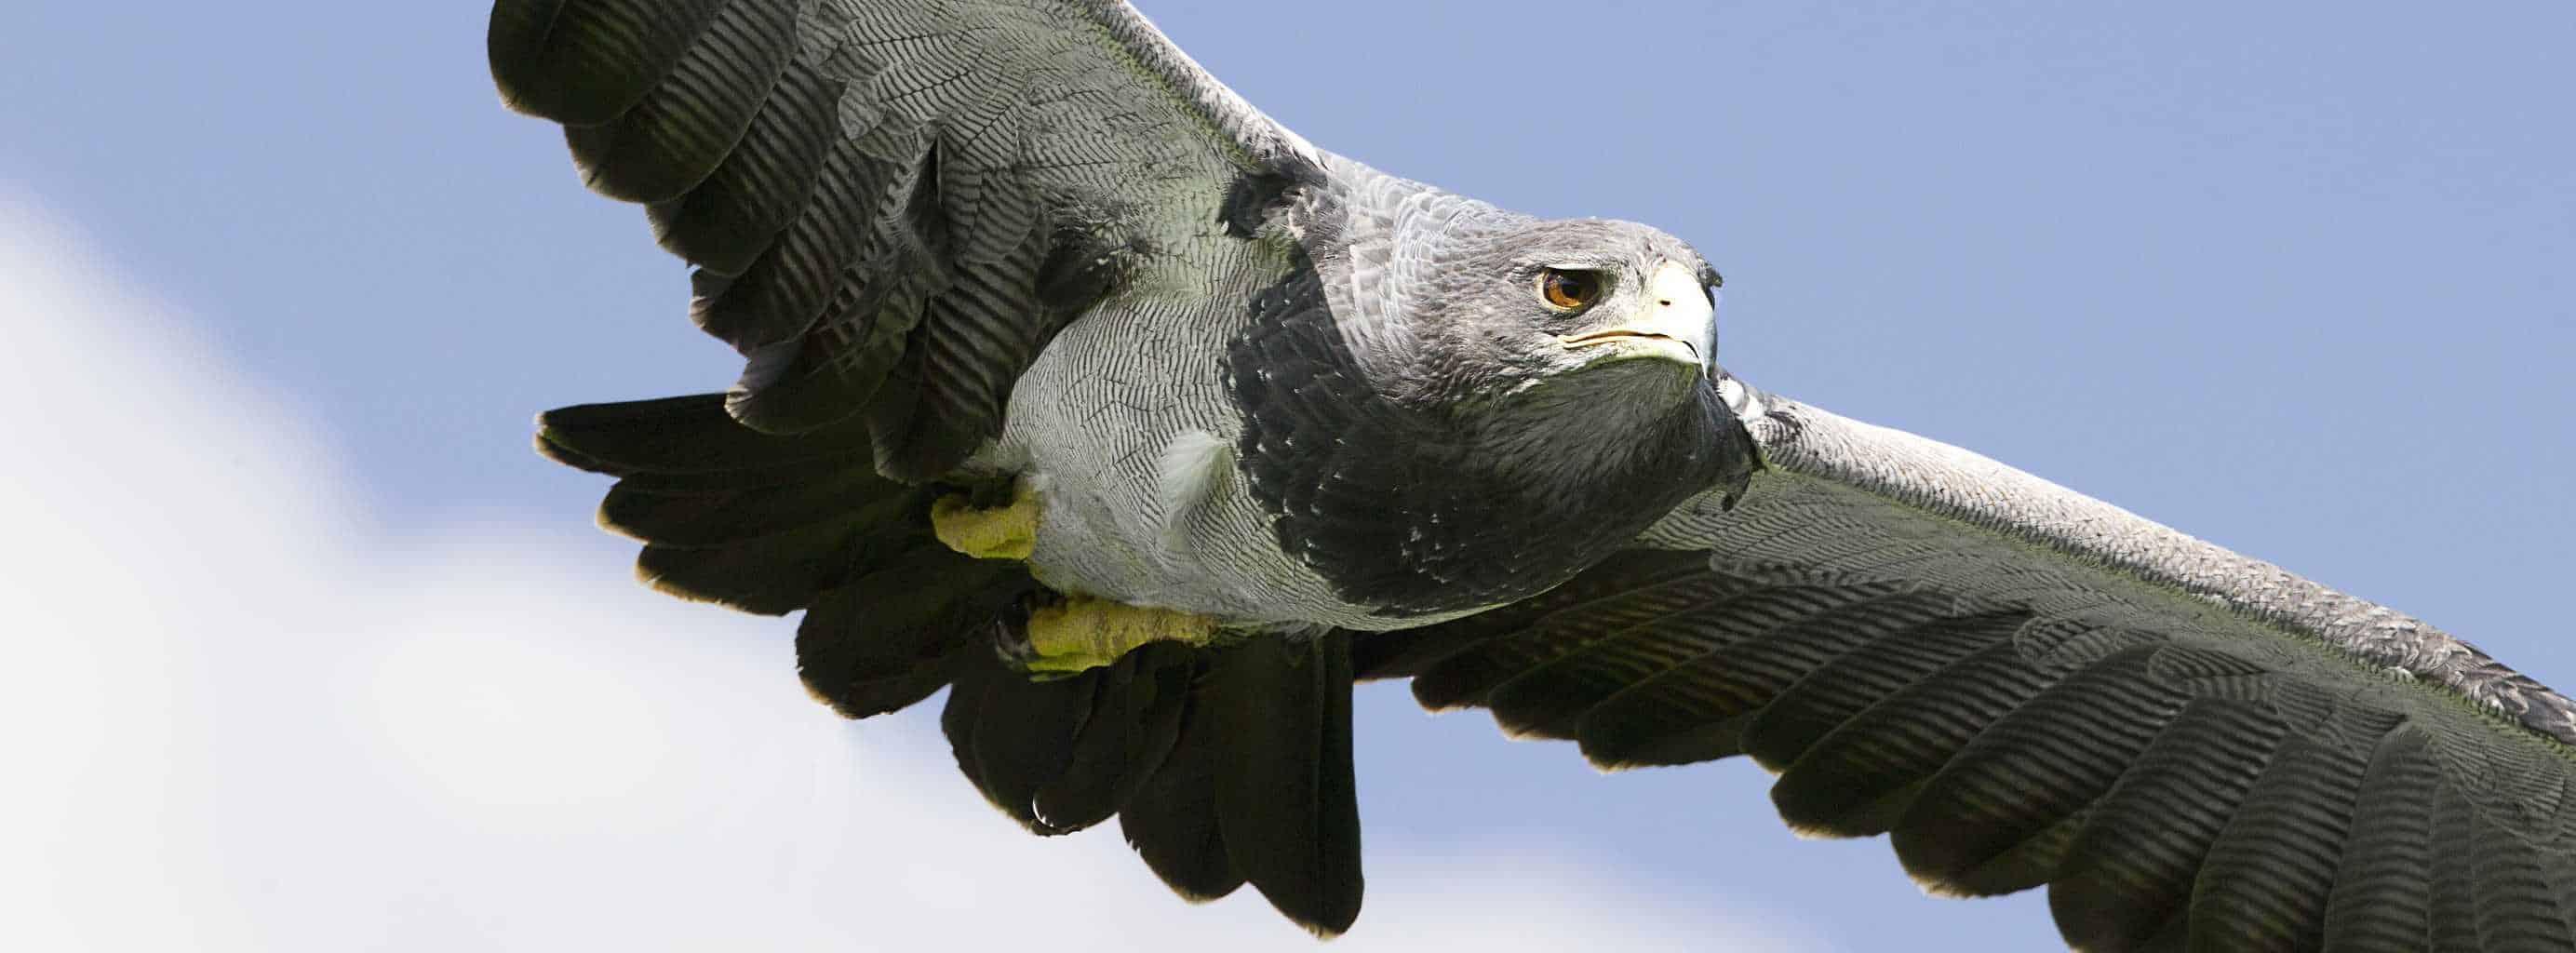 Grey Buzzard Eagle at National Centre for Birds of Prey